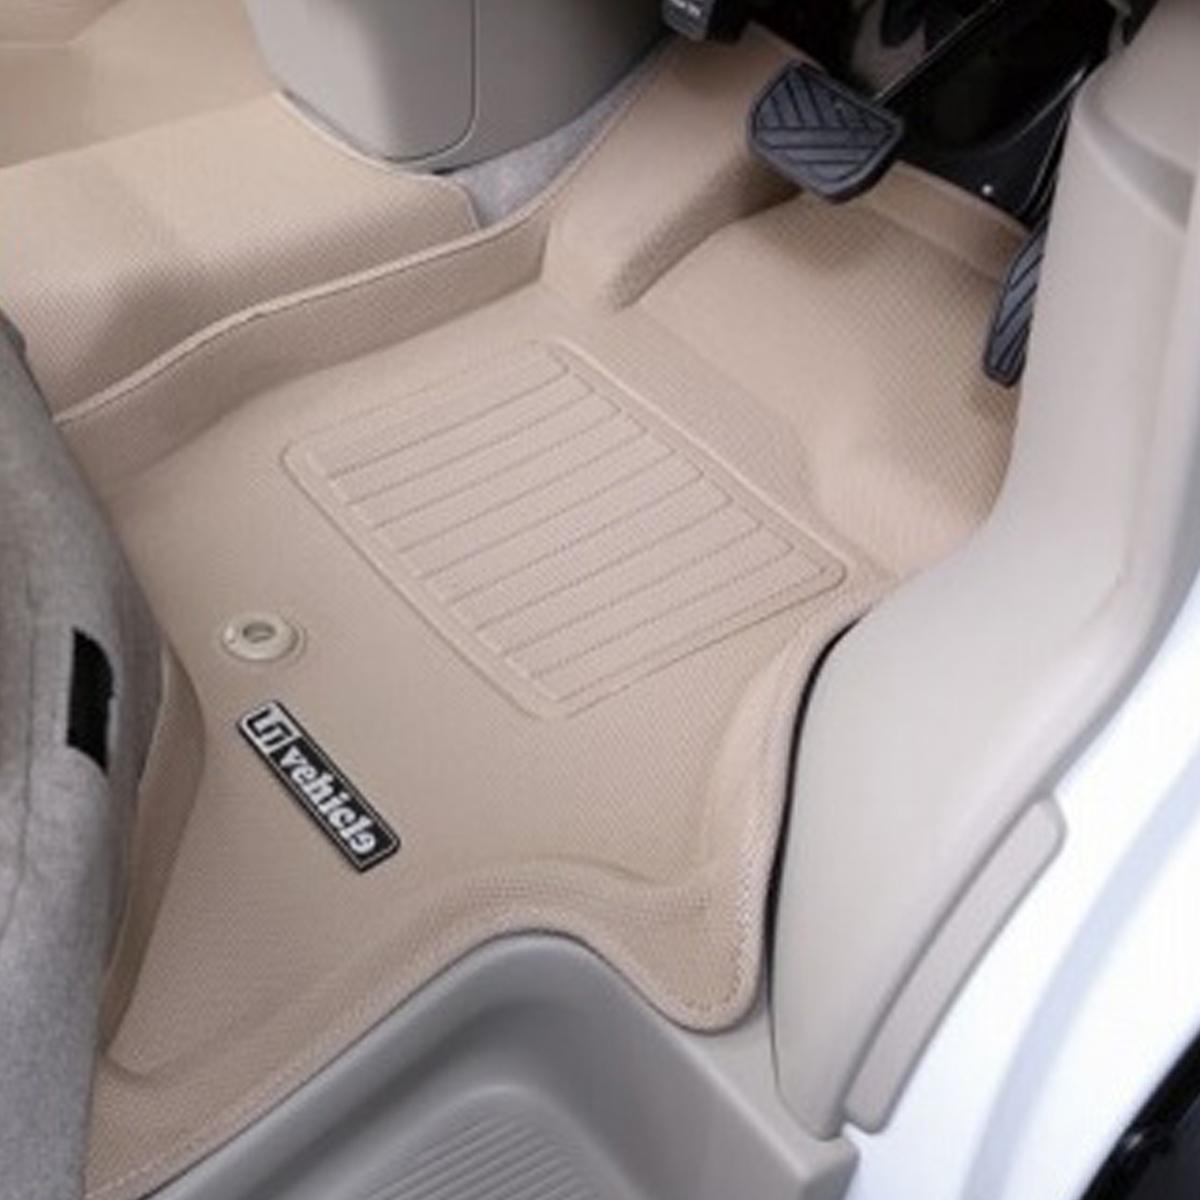 ユーアイビークル エブリィワゴン DA17W 3Dラバーマット 1台分 UI-vehicle ユーアイ